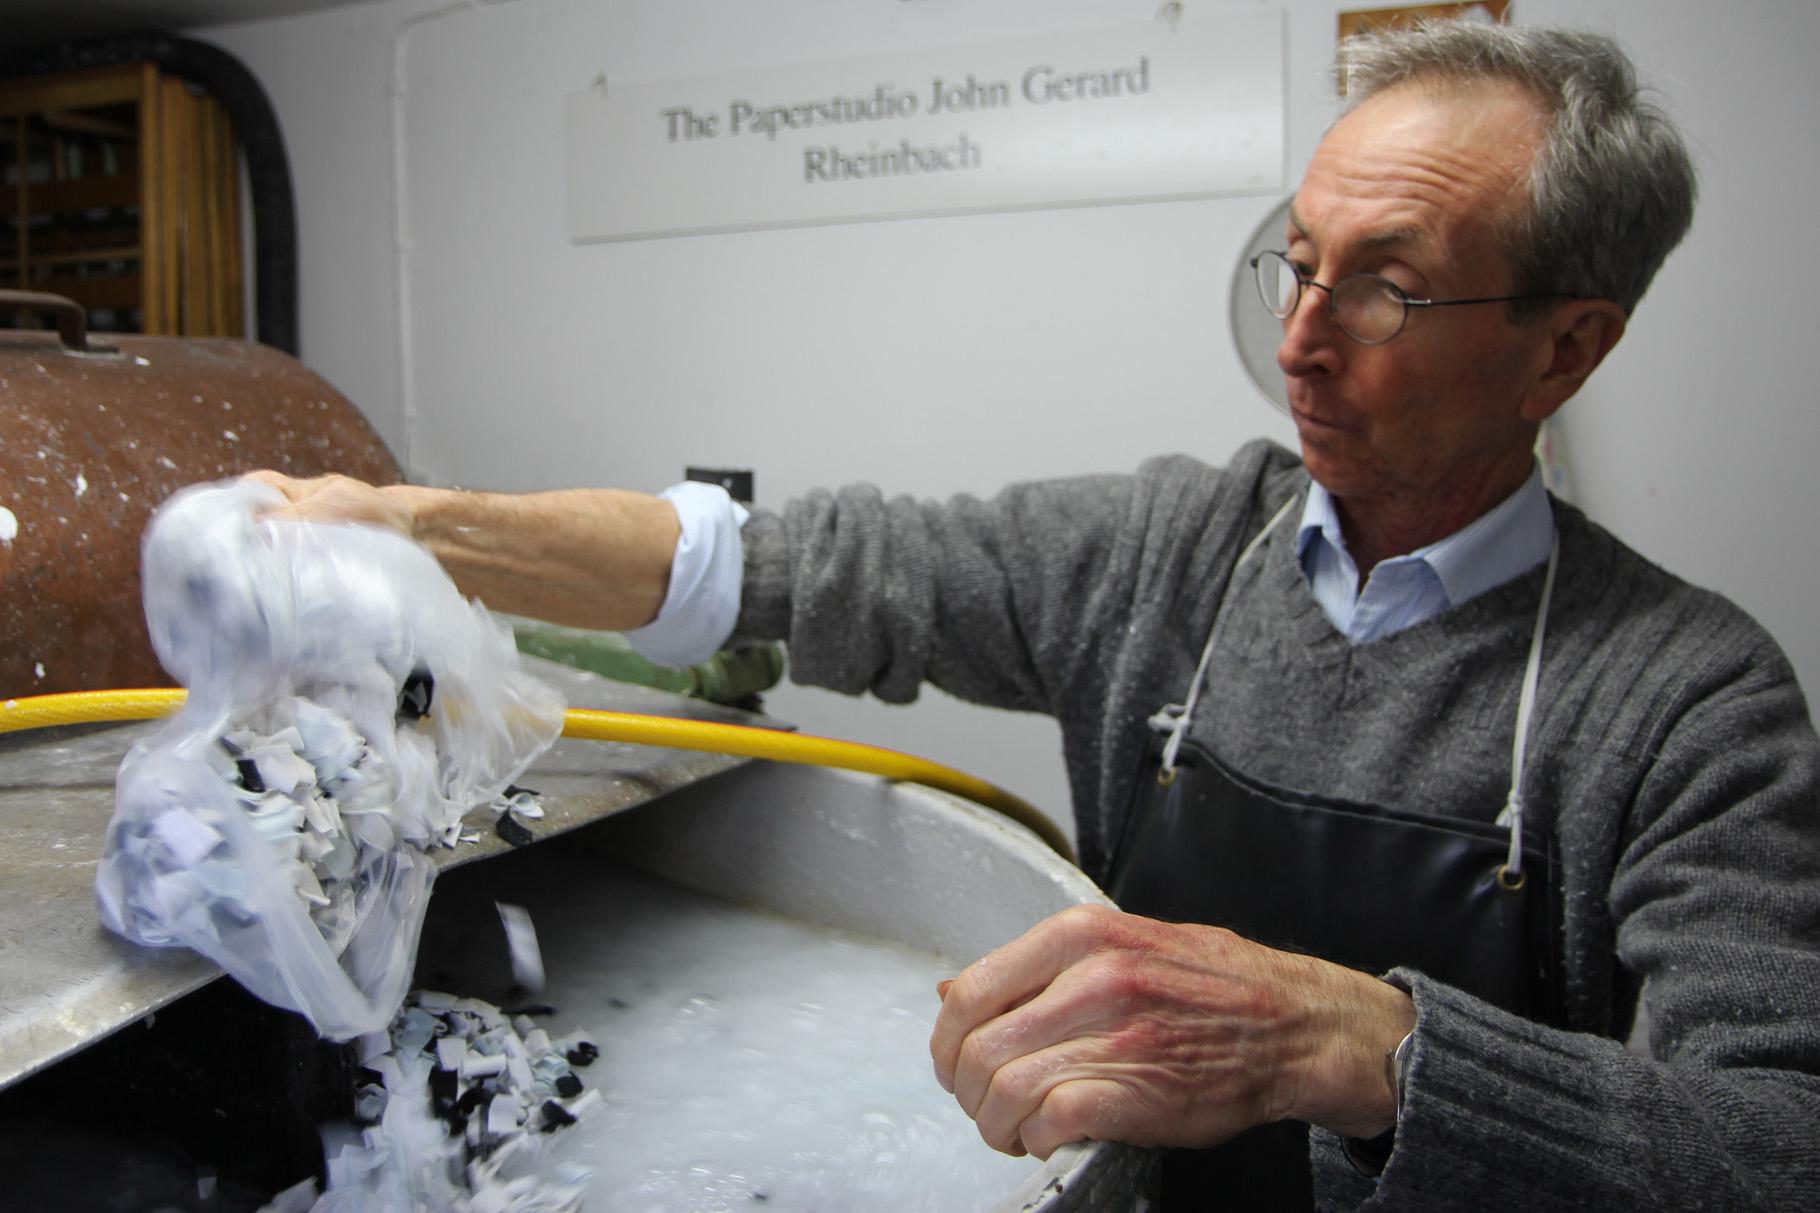 John Gerard gibt die kleingeschnittenen Textilien in den Holländer